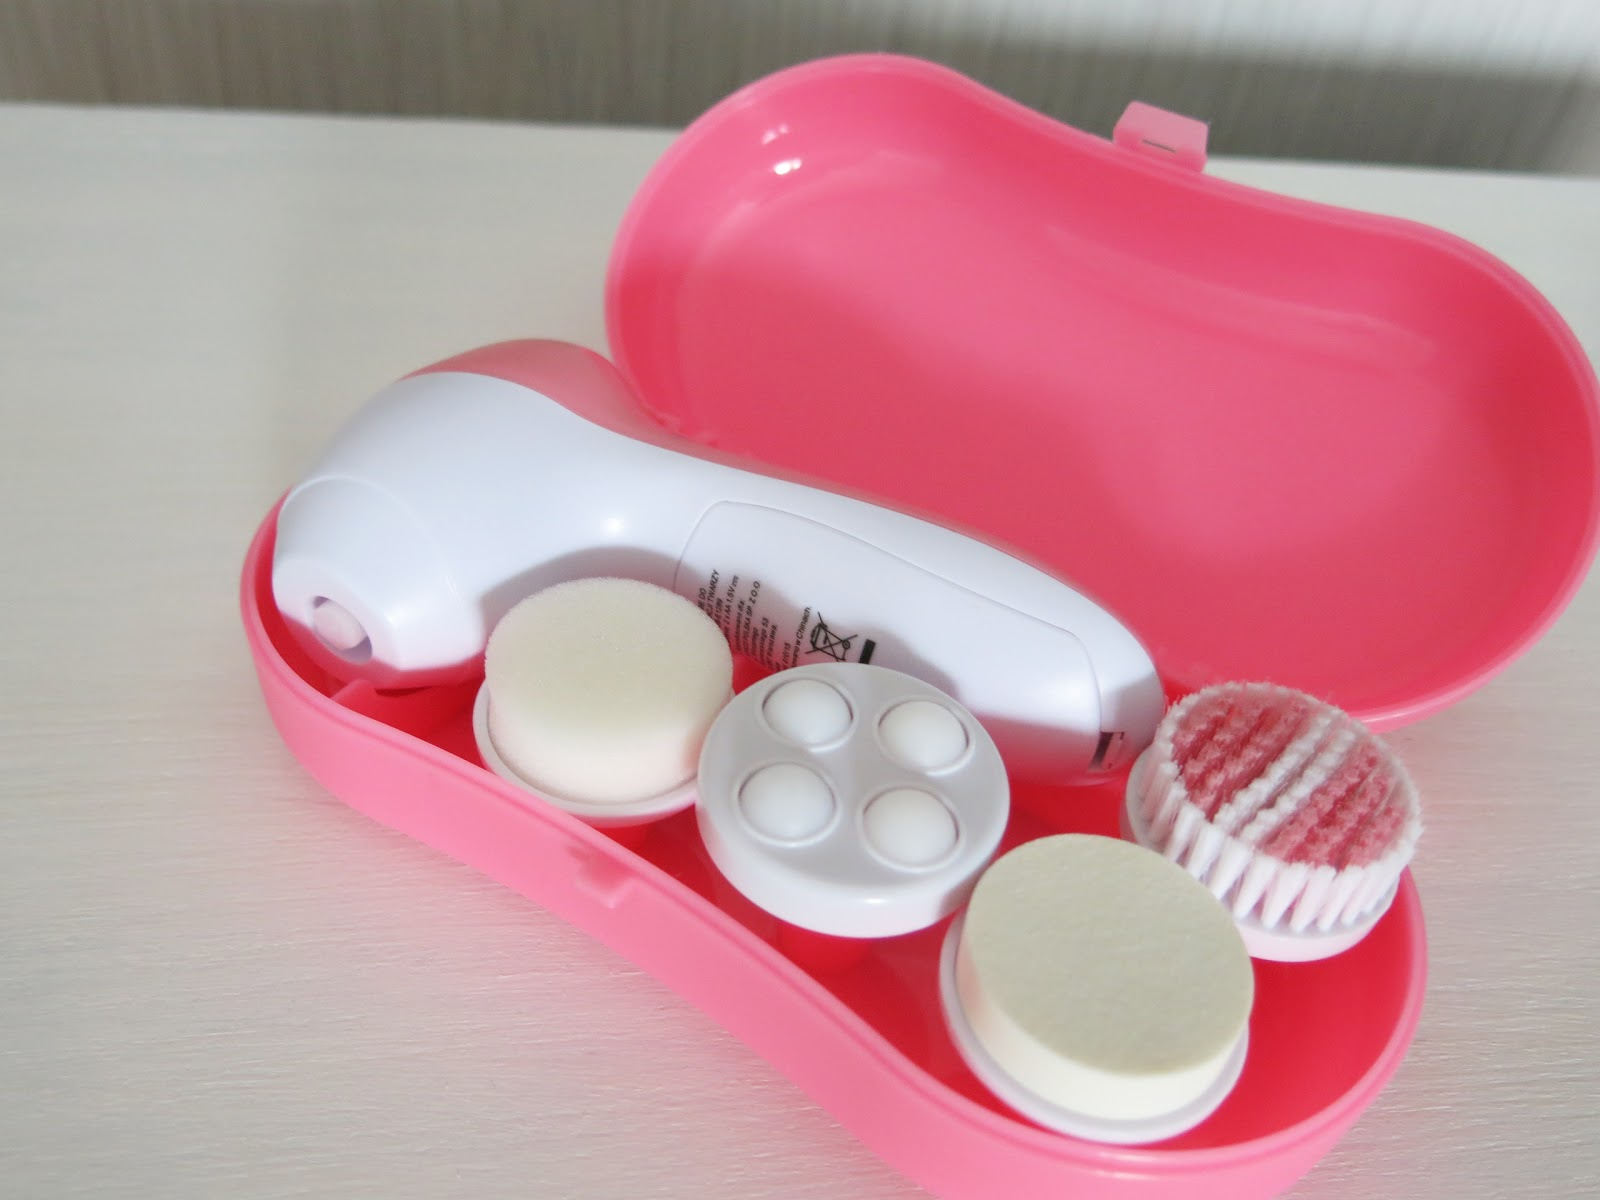 Elektryczna szczoteczka do pielęgnacji twarzy.